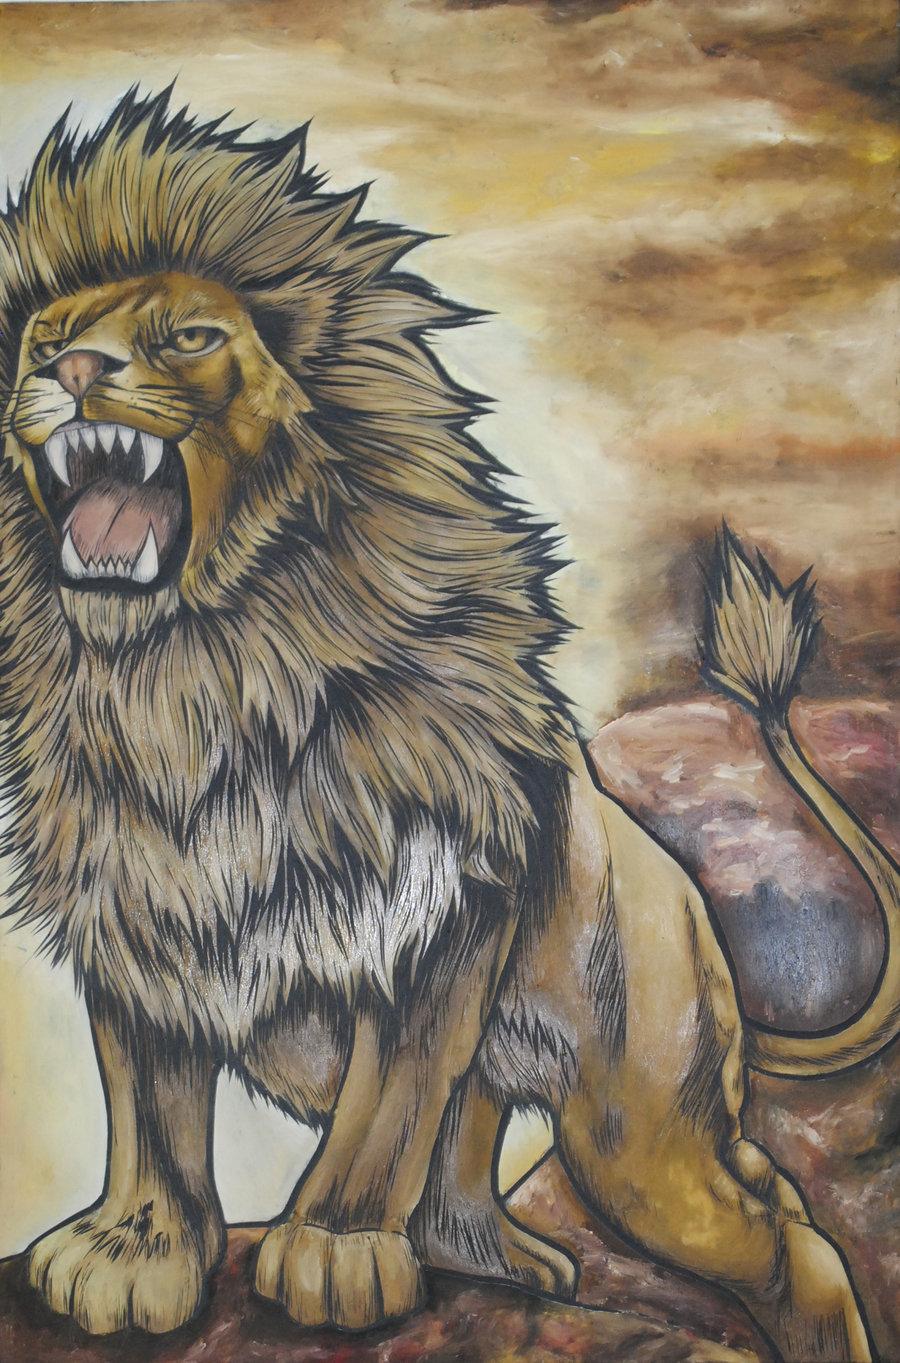 подвиги льва картинки начинающих охотников гладкоствольные